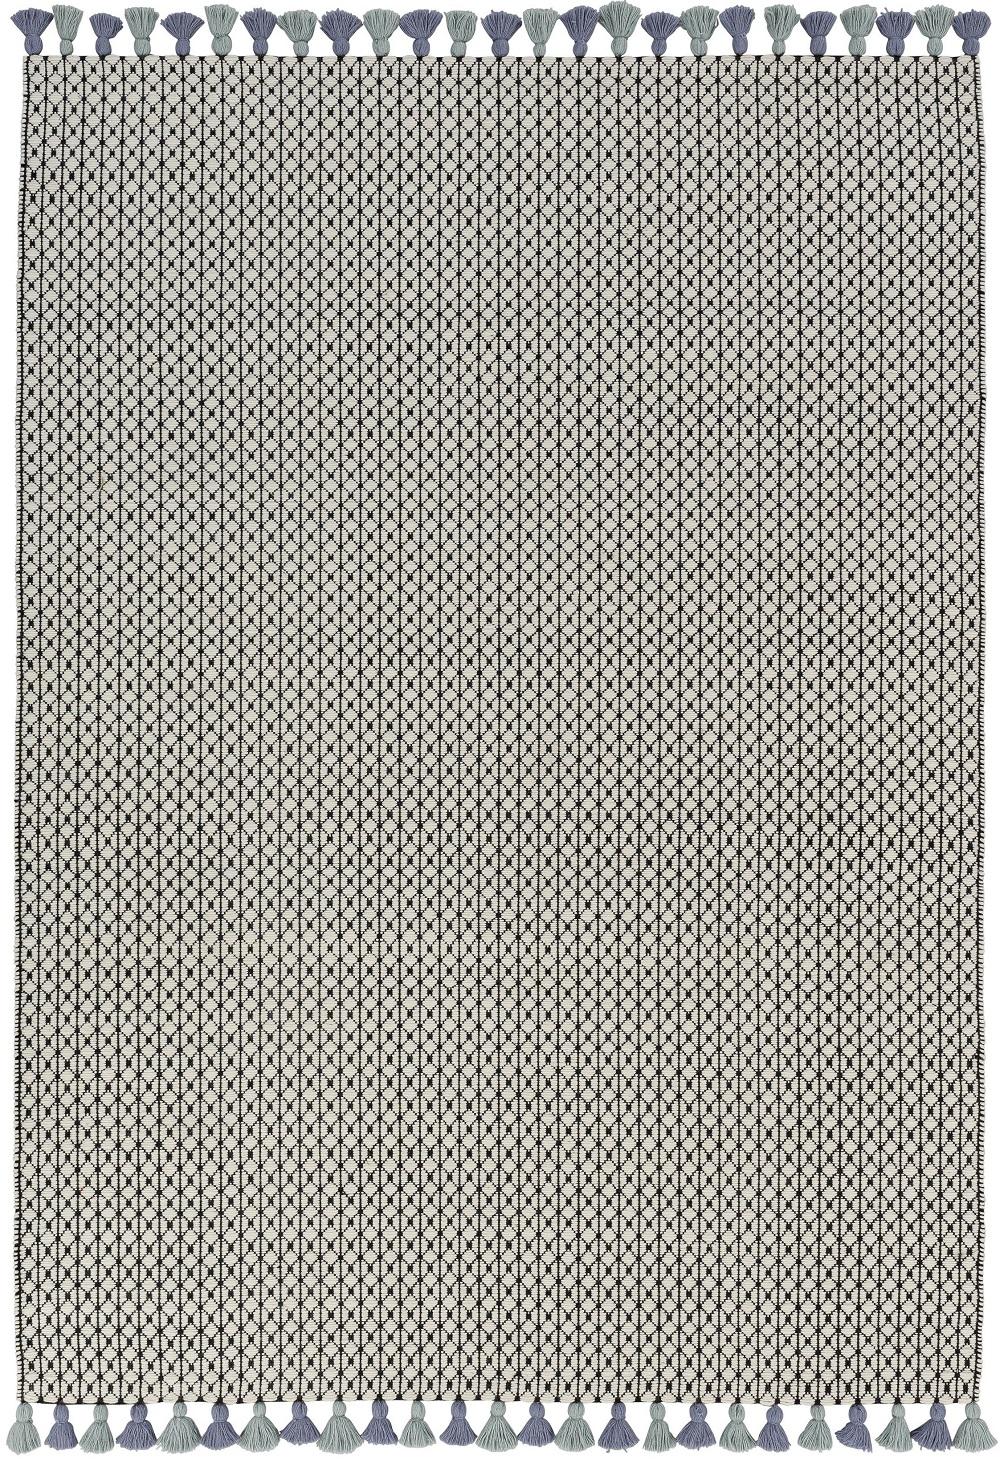 Full Size of Schlafzimmer Set Weiß Schwarze Küche Steinteppich Bad Sofa Grau Bett Mit Schubladen 90x200 Kleines Regal Weiße Betten Schwarz 200x200 Wohnzimmer Teppich Schwarz Weiß